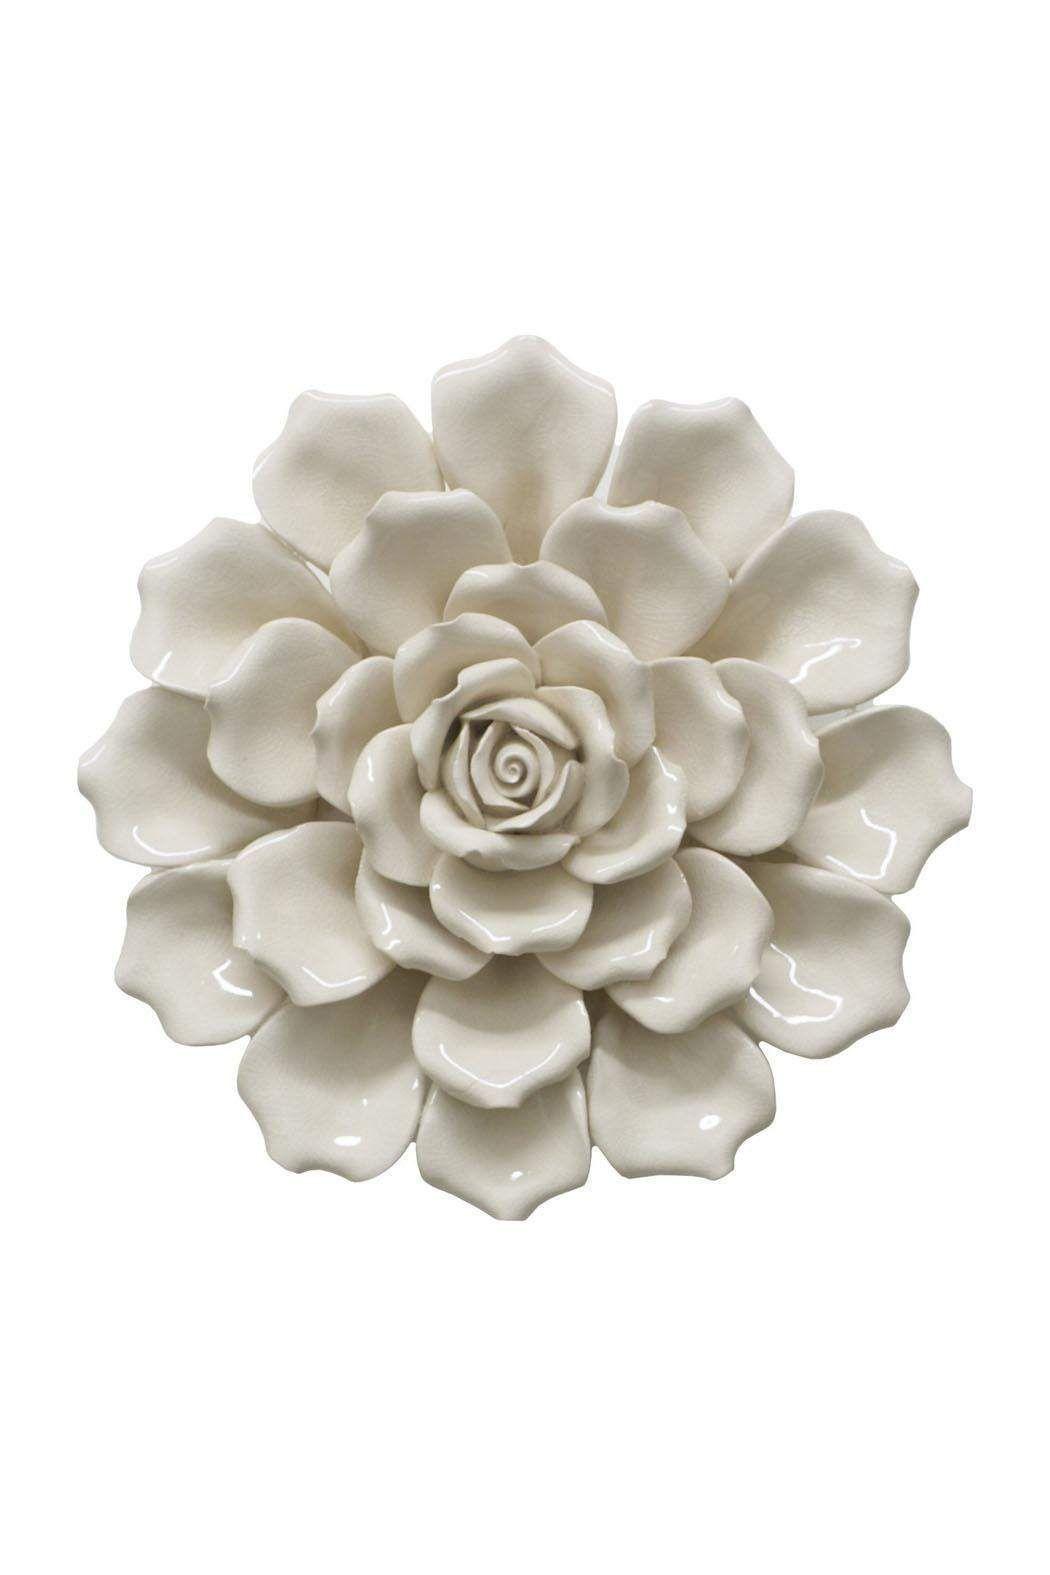 Three Hands White Flower Decoration Pinterest Flower Decoration